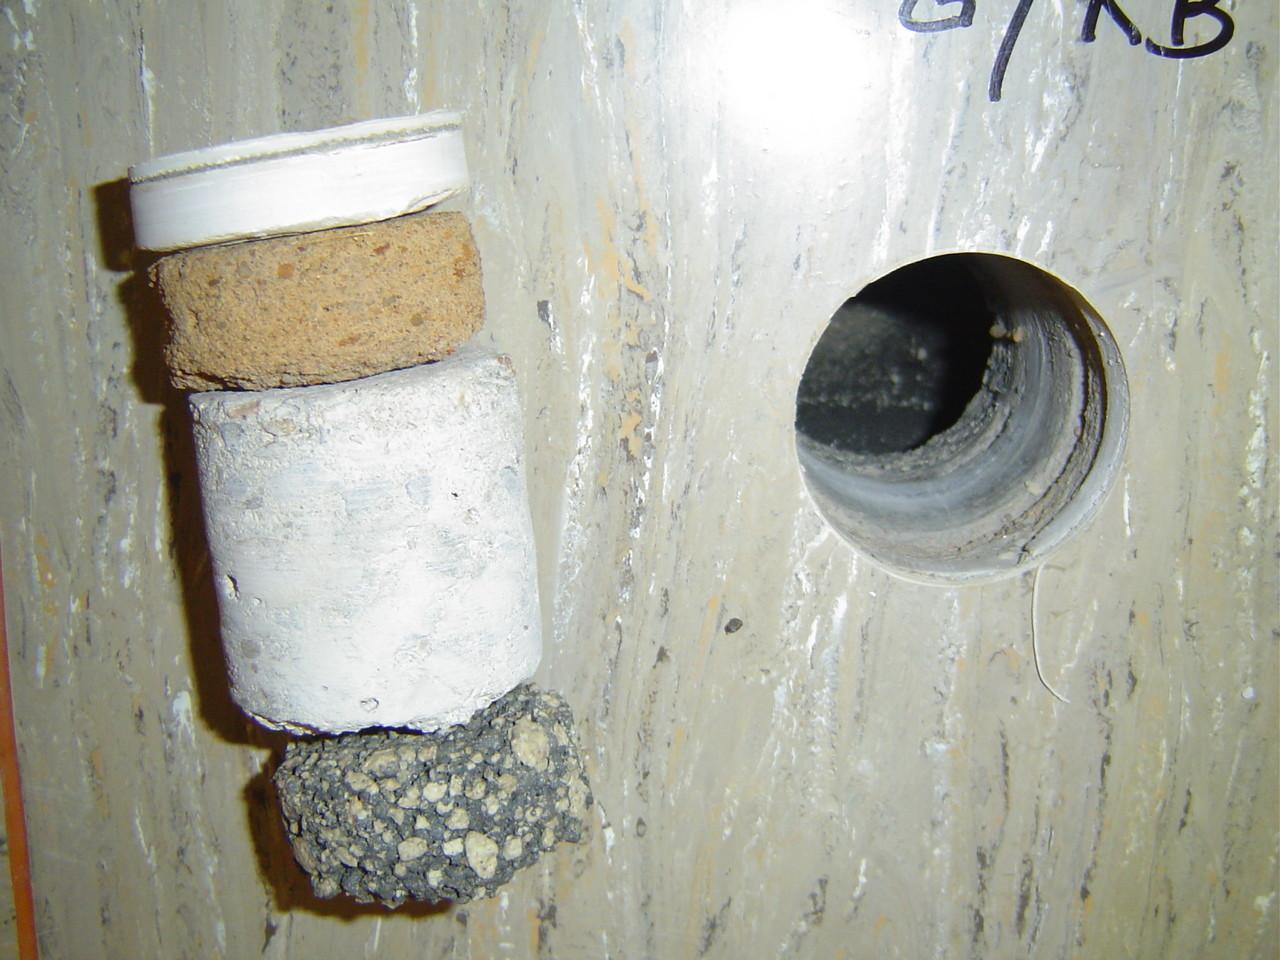 LINDENTHAL Umweltdienstleistungen: Kernbohrung zur Probengewinnung / Profilaufnahme